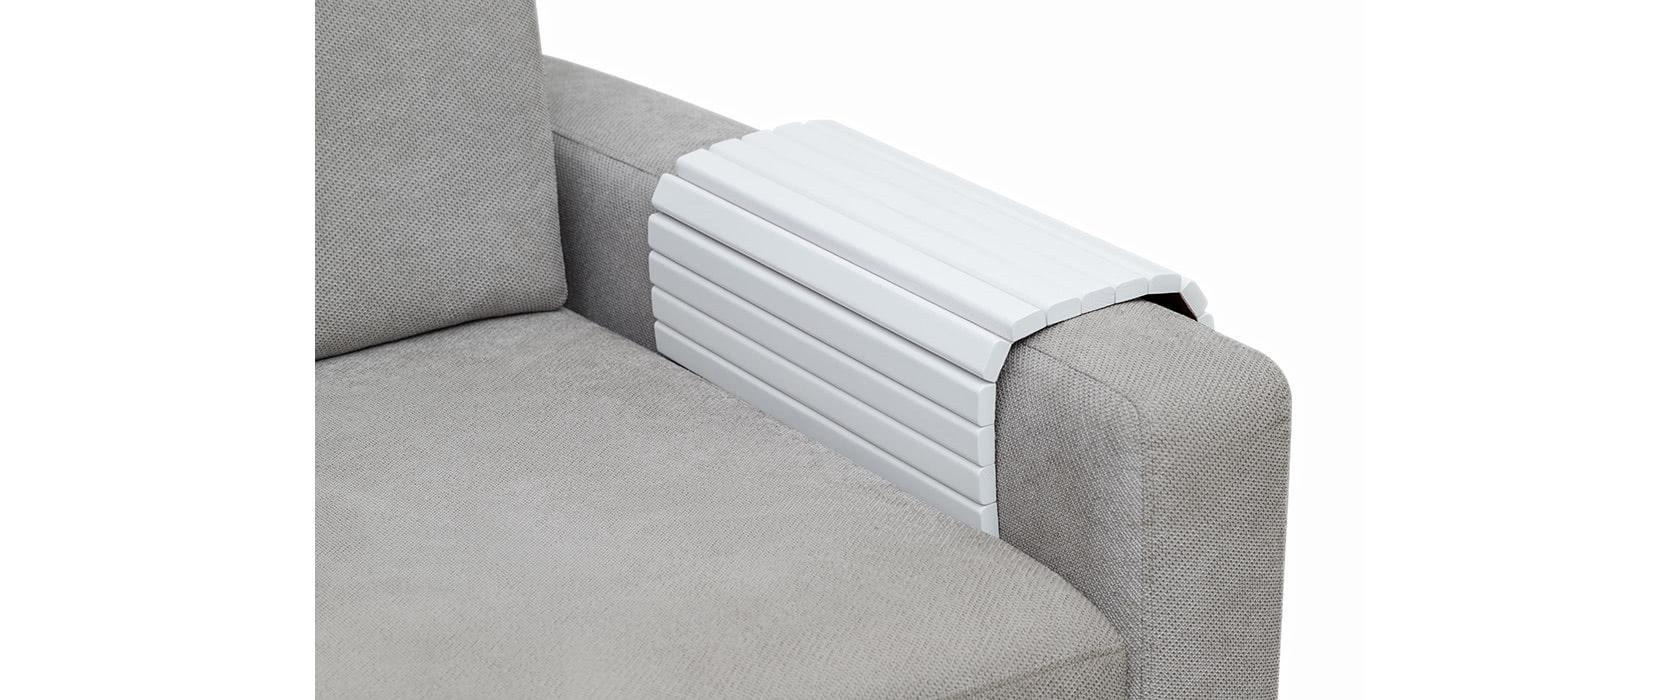 Накладка деревянная белая - Фото 1 - Pufetto